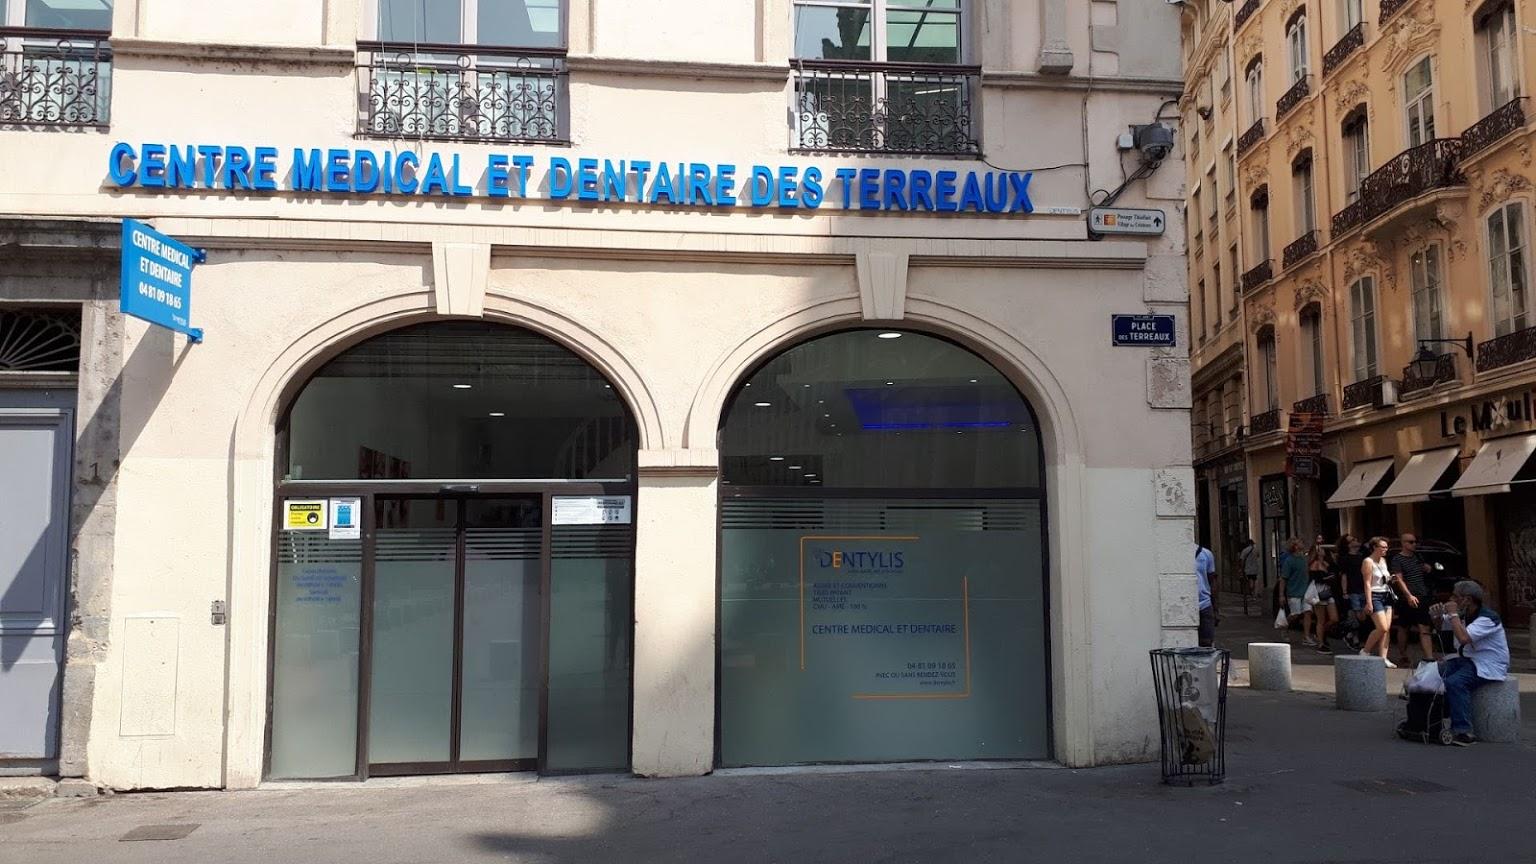 Centre Dentaire et Ophtalmologie Lyon 1 terreaux